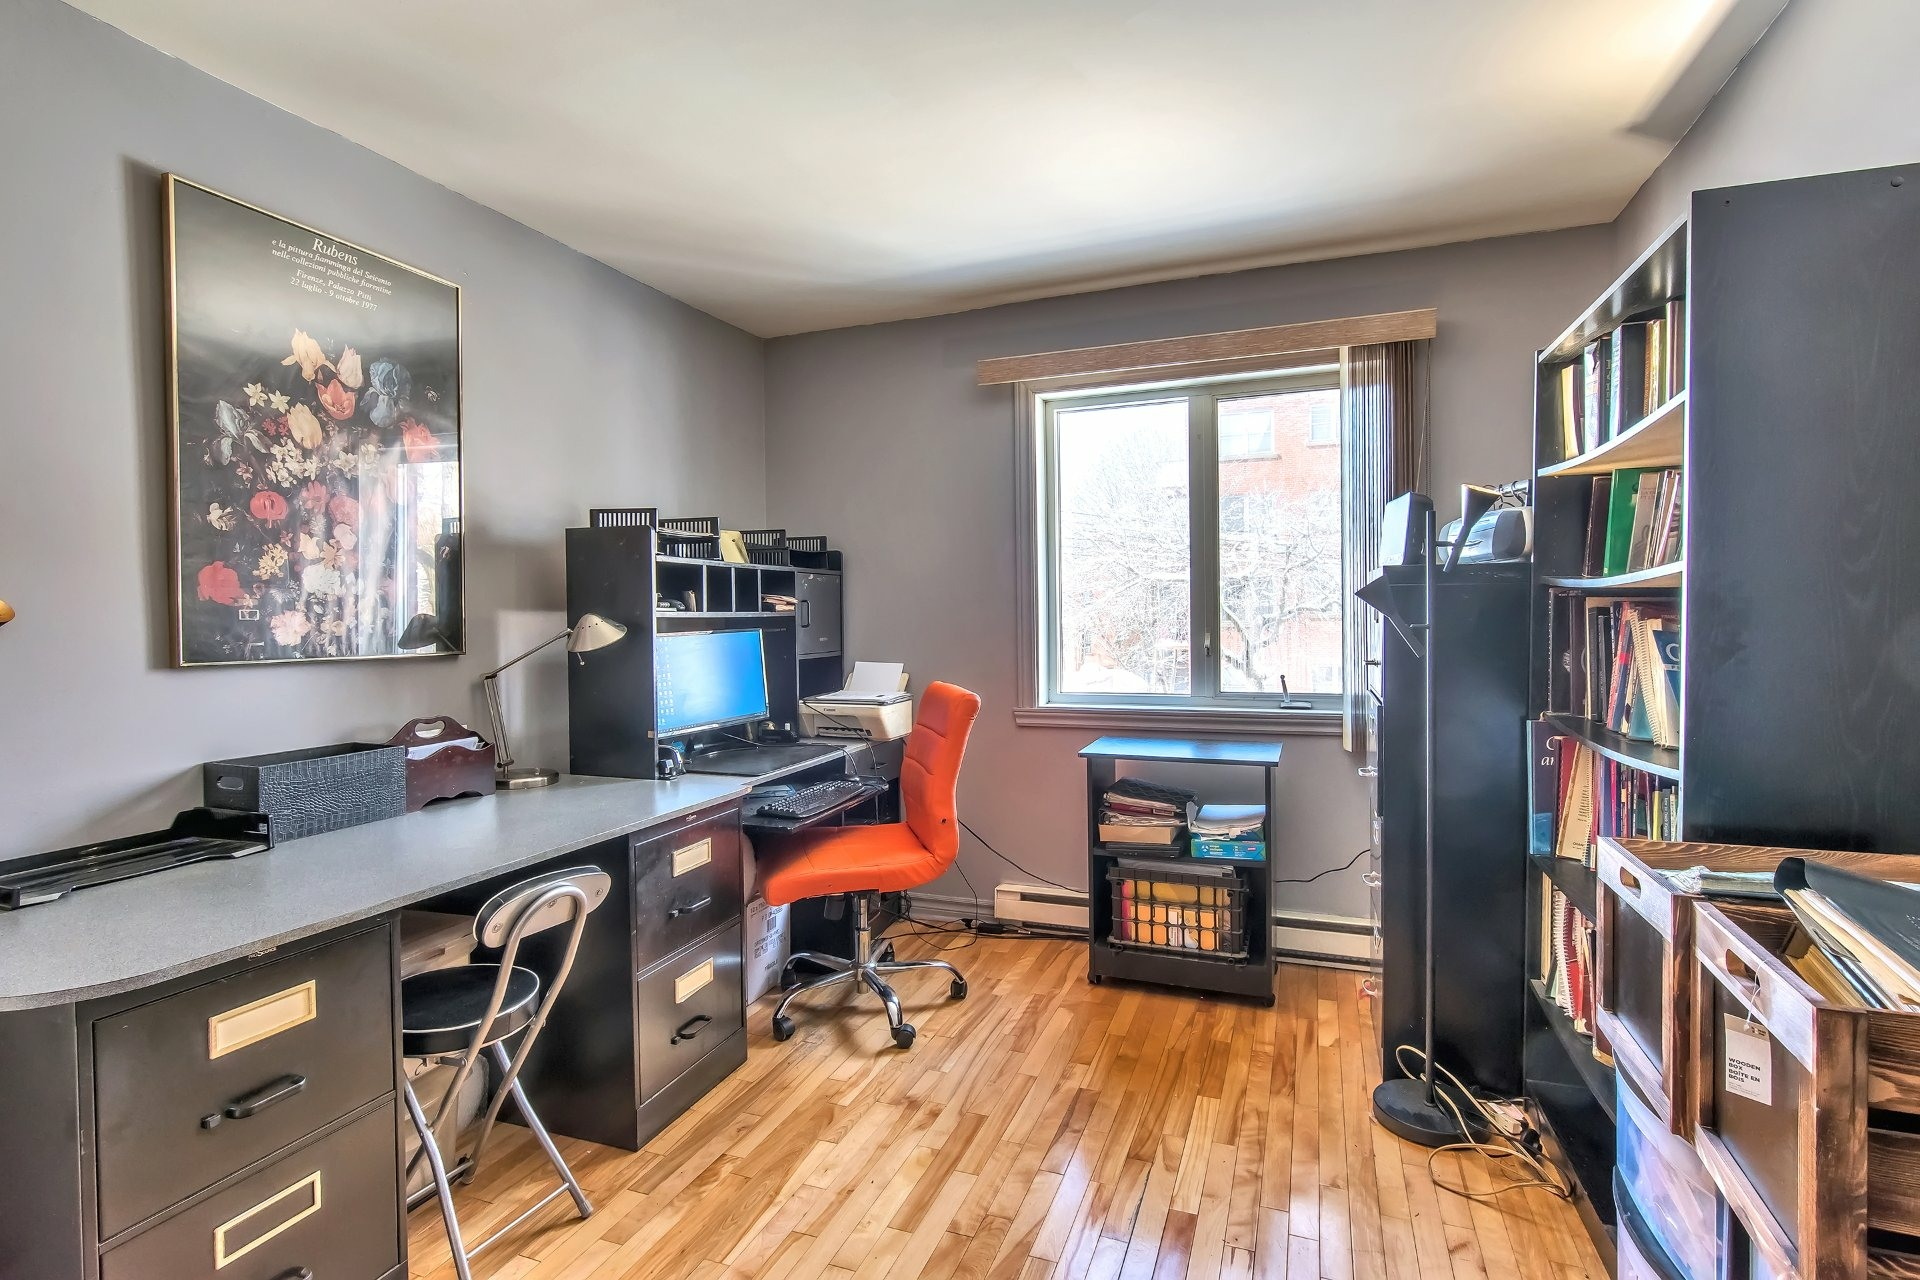 image 14 - Departamento En venta Côte-des-Neiges/Notre-Dame-de-Grâce Montréal  - 6 habitaciones